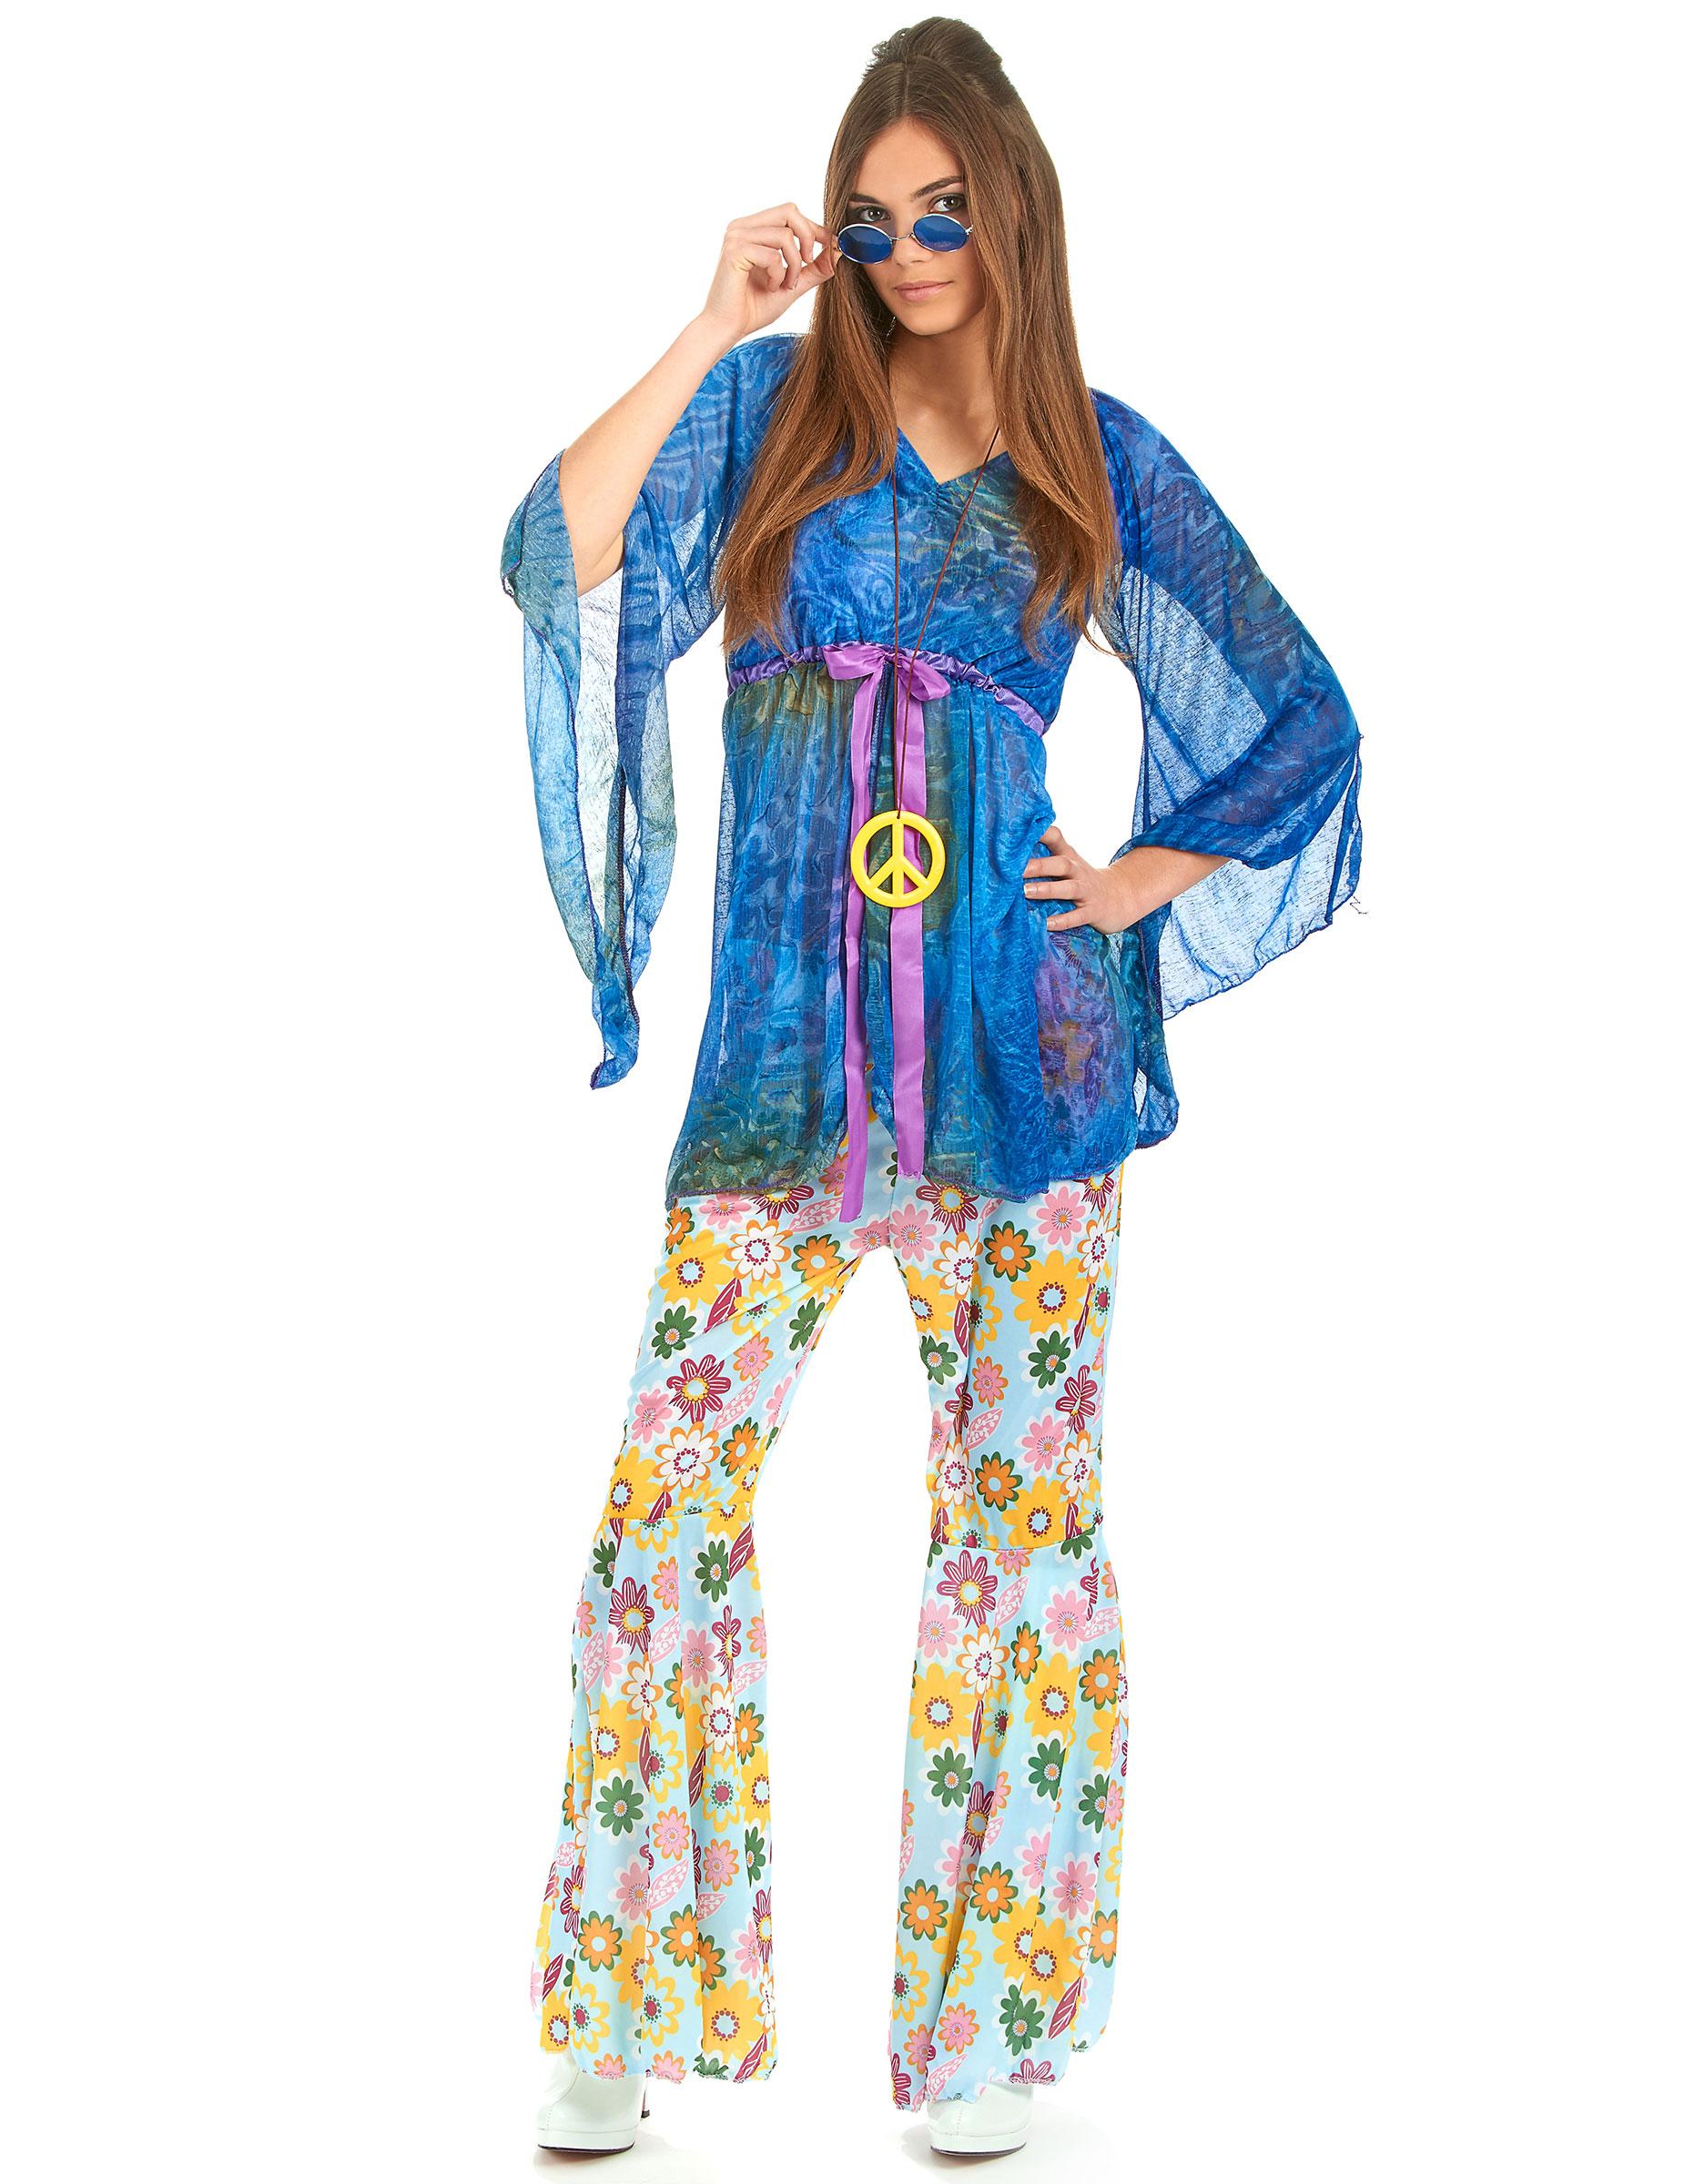 Disfraz de hippie estilo flower power para mujer Disfraces adultosy disfraces originales baratos  Vegaoo